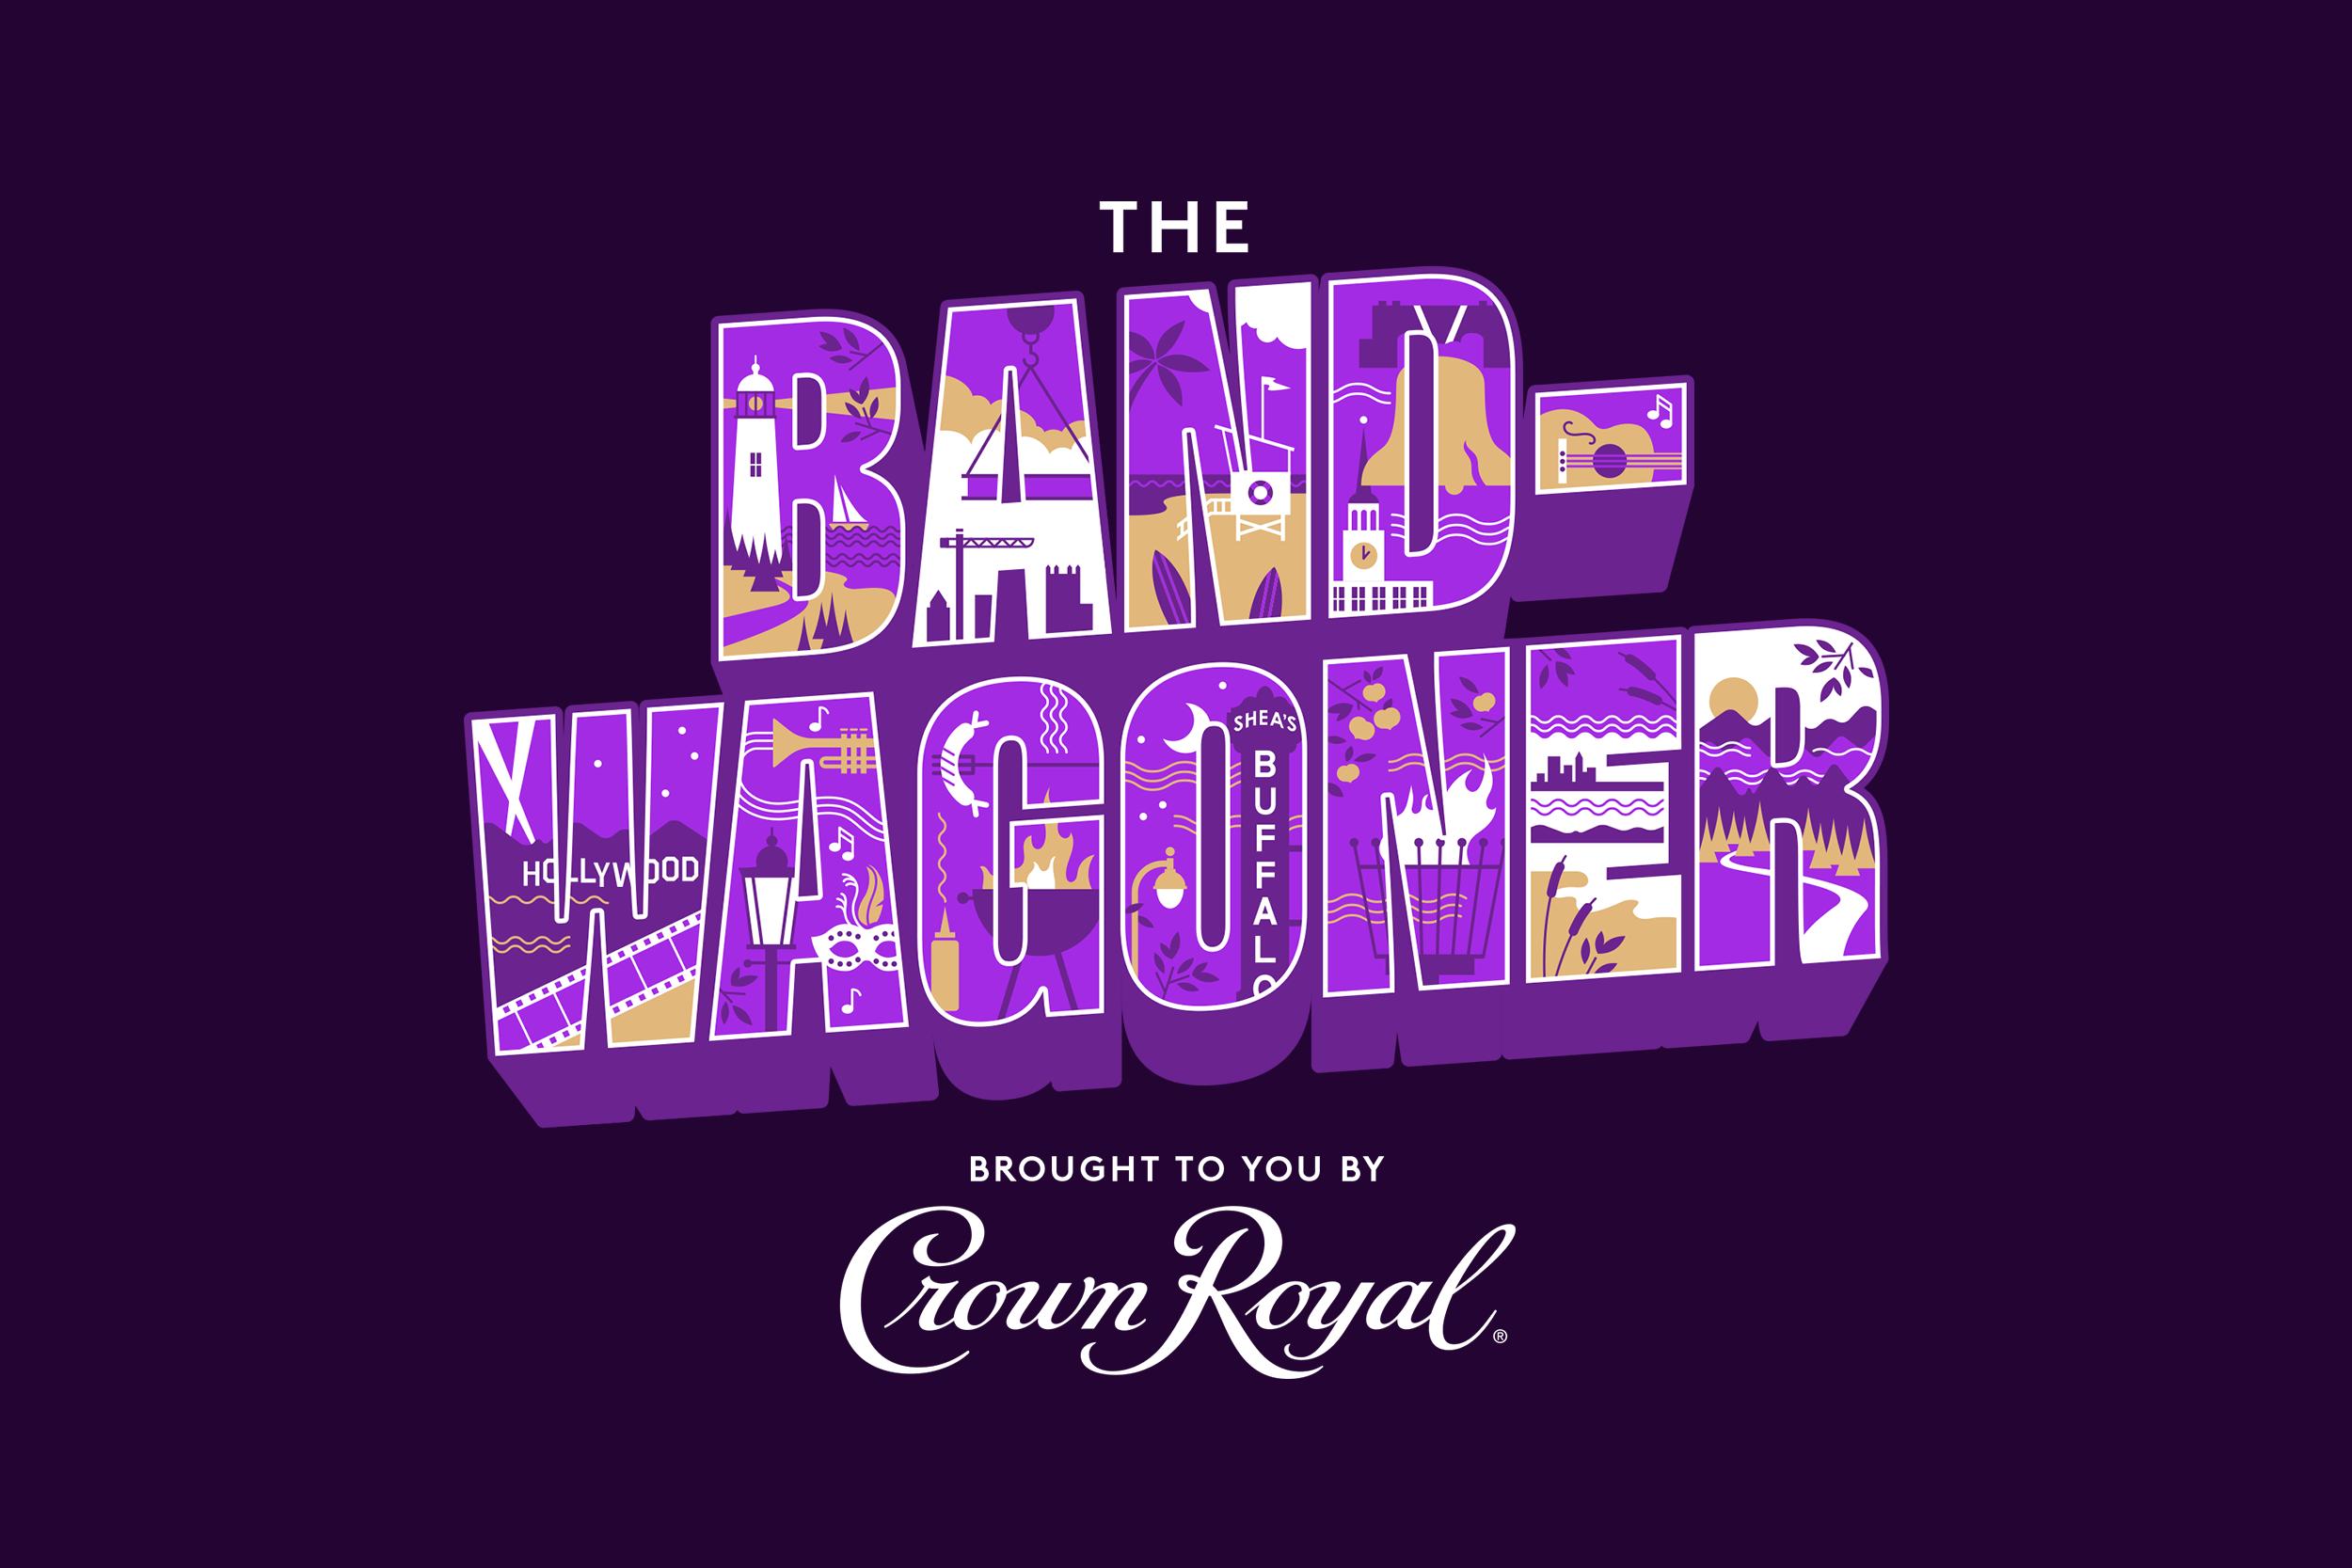 crown-royal-banwagoner-illustration.png